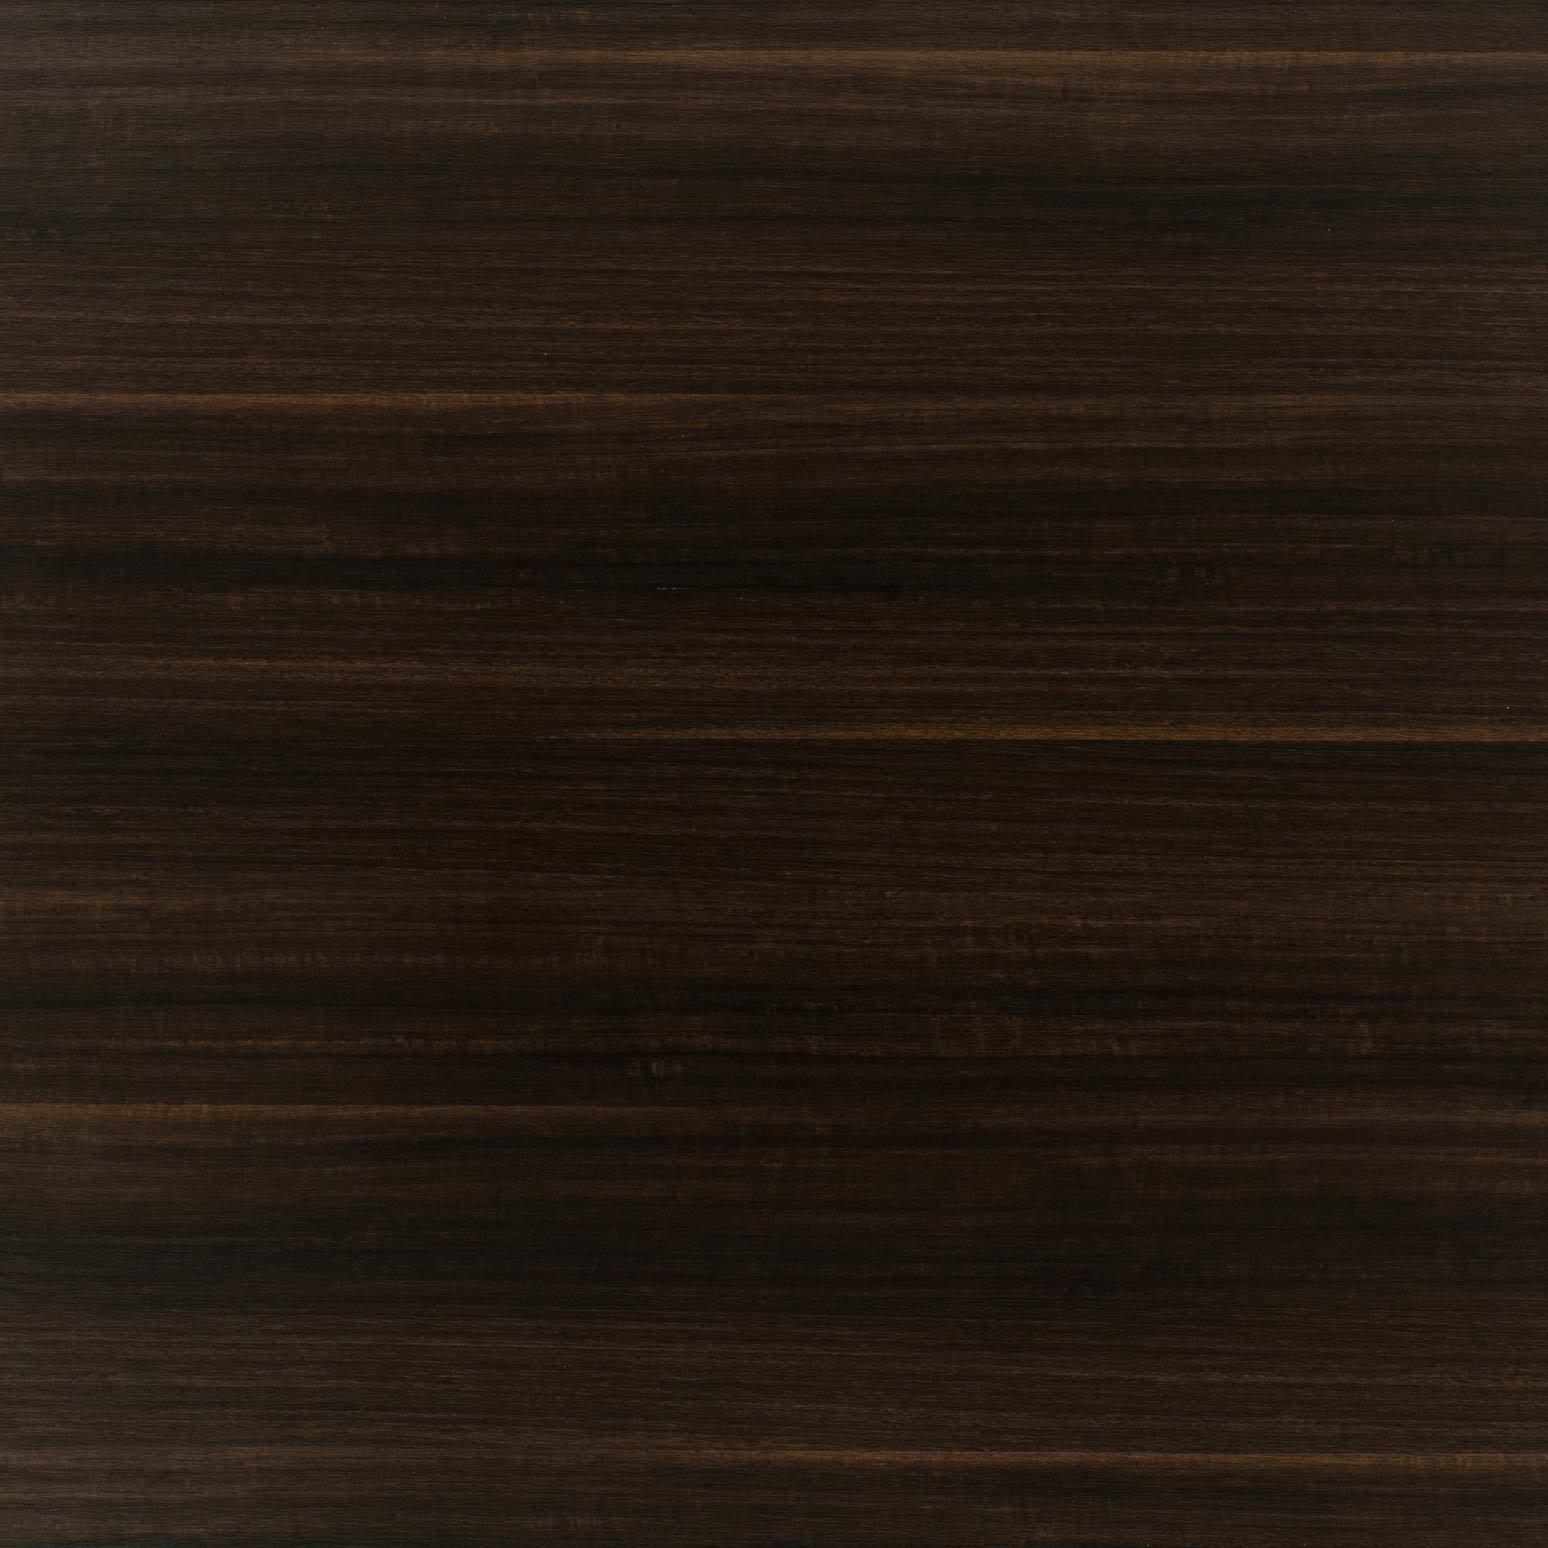 53 eucalipto scuro 0360 1